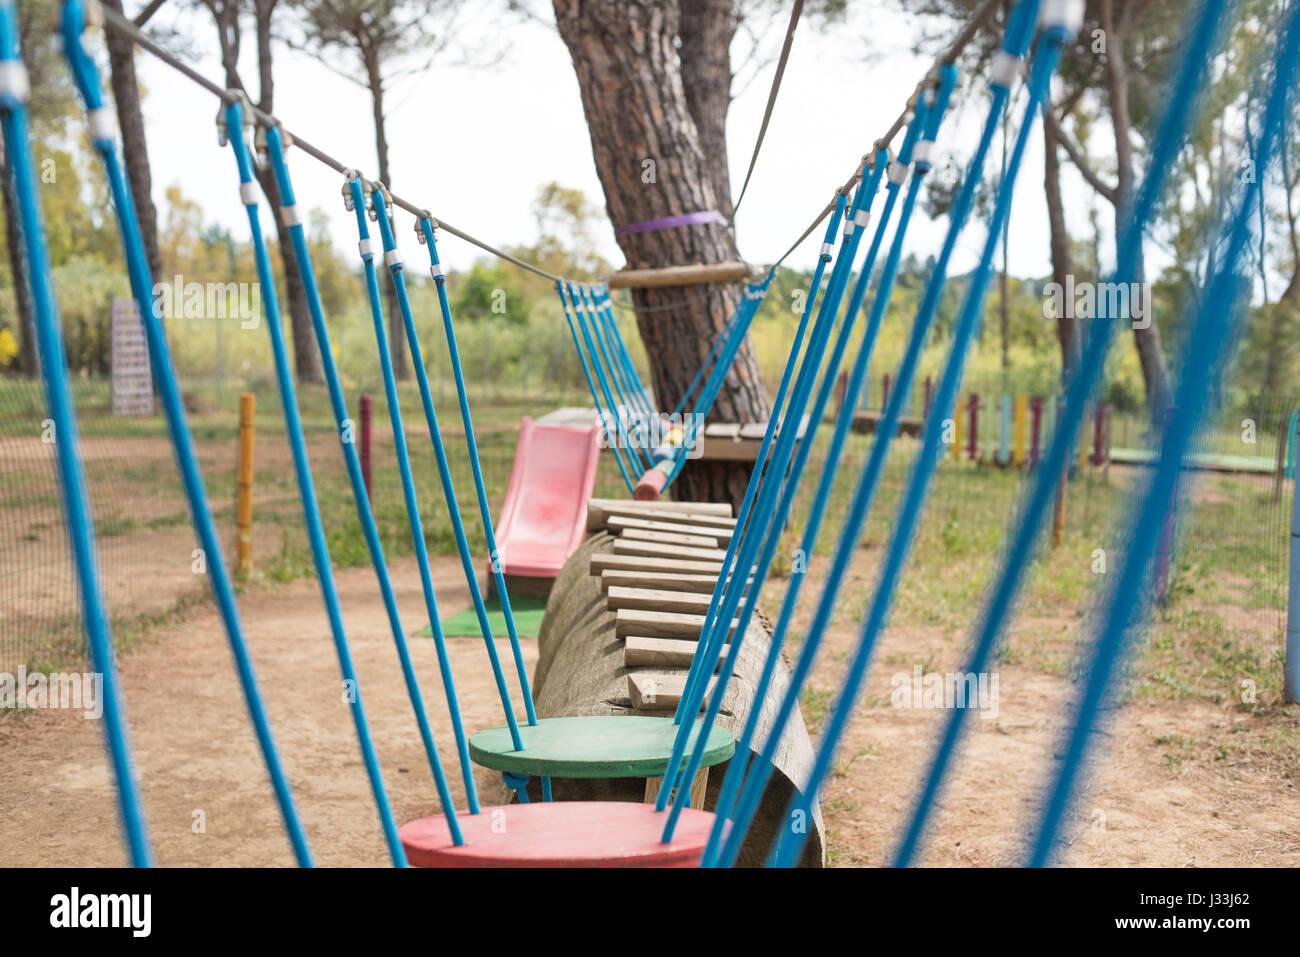 Abenteuer-Spielplatz ausgesetzt Testpfad, selektiven Fokus Hindernis im Vordergrund Stockbild